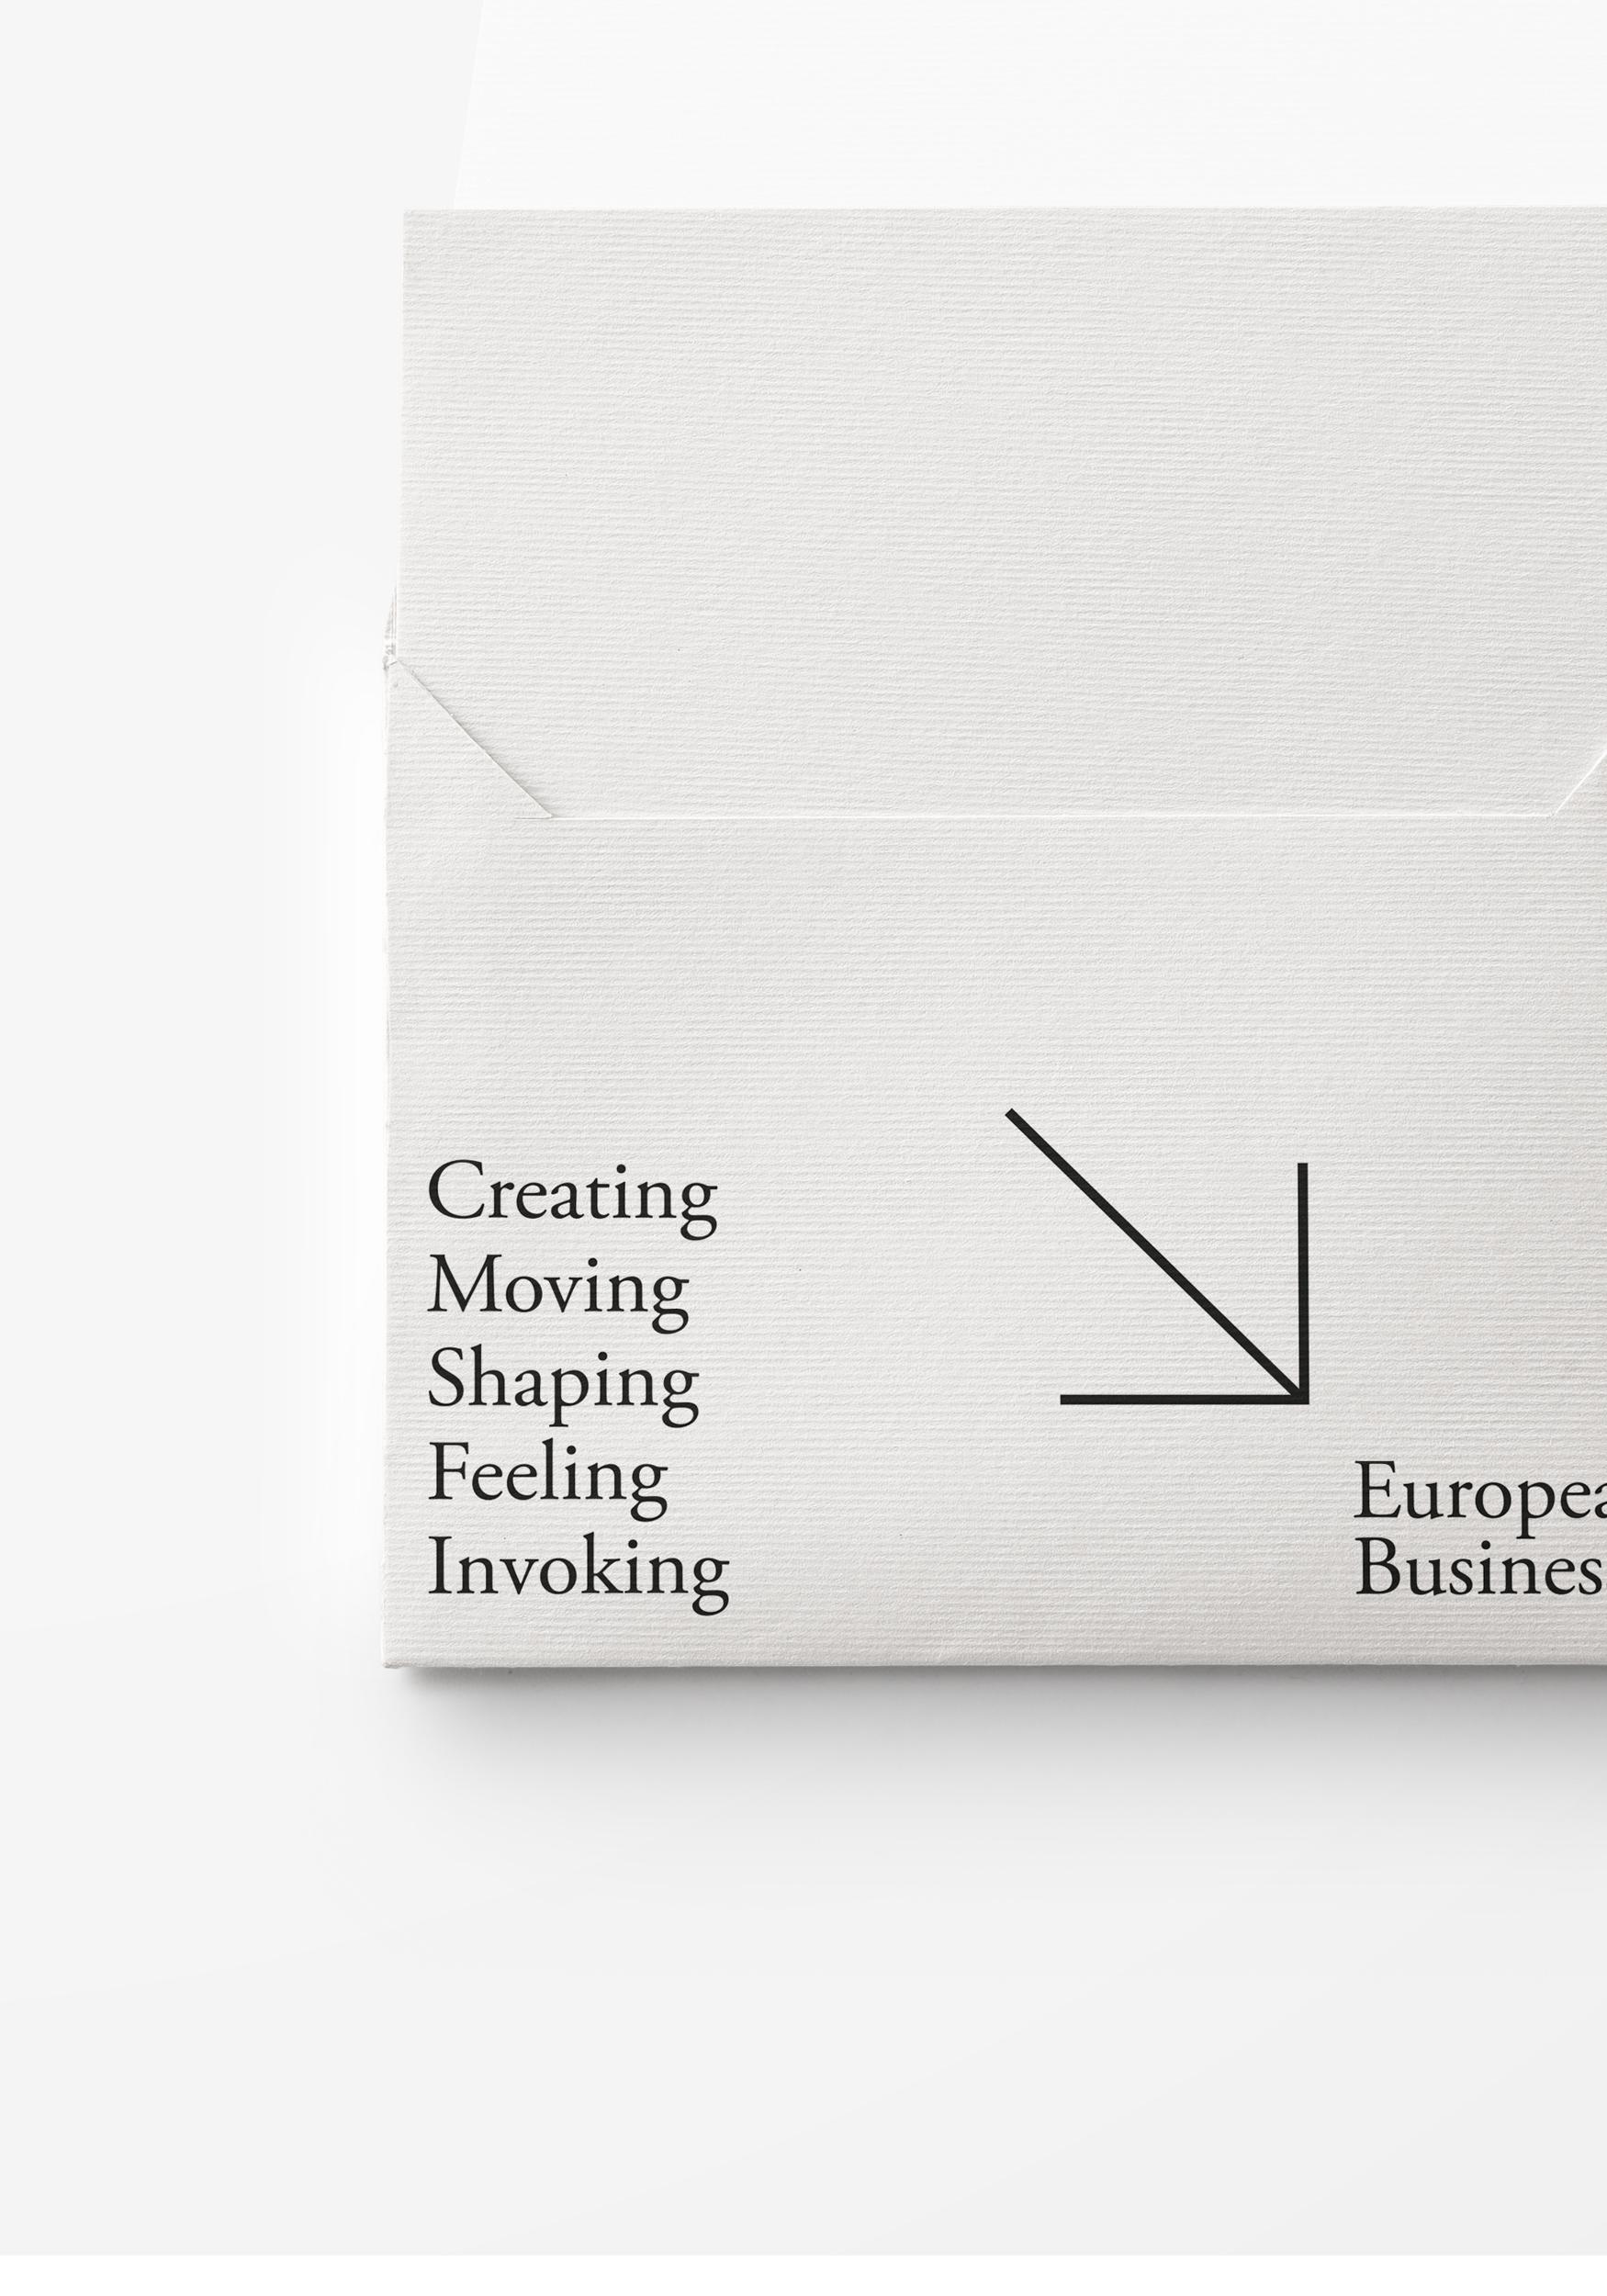 kevin-kremer_branding_european-business_8.jpg